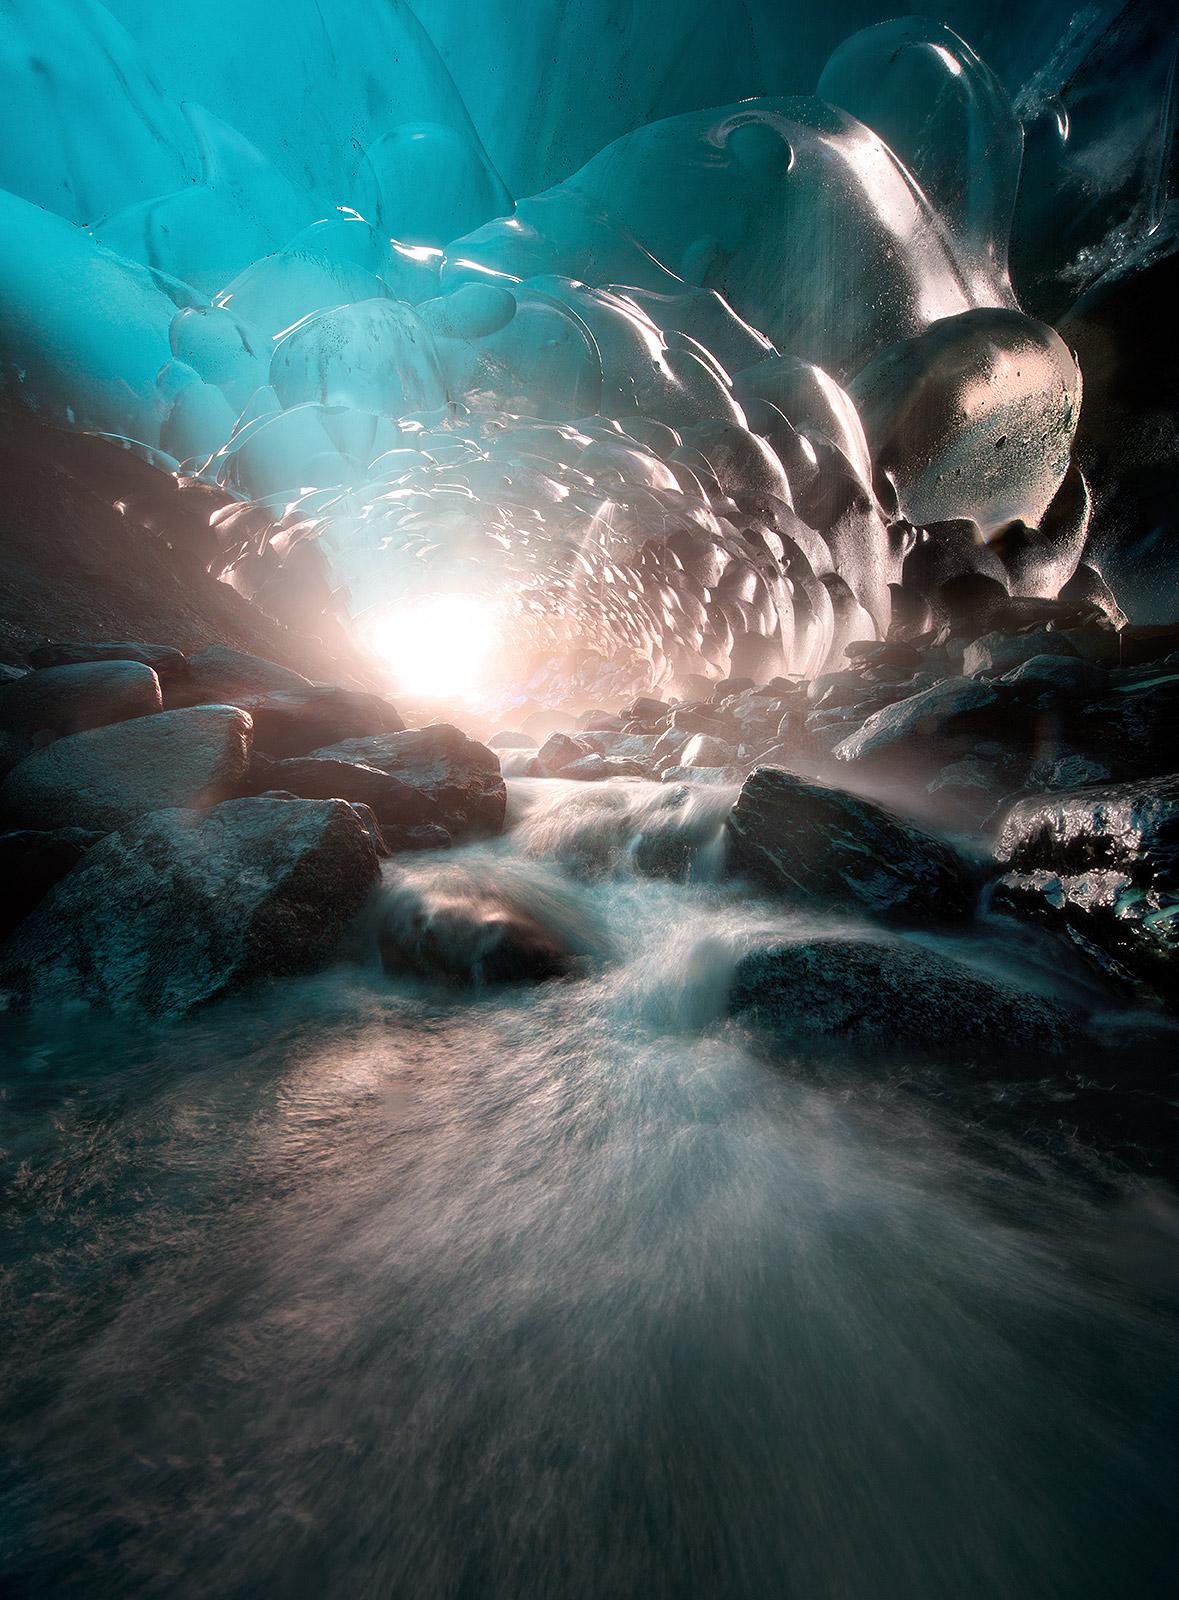 Glacier, Alaska, photo